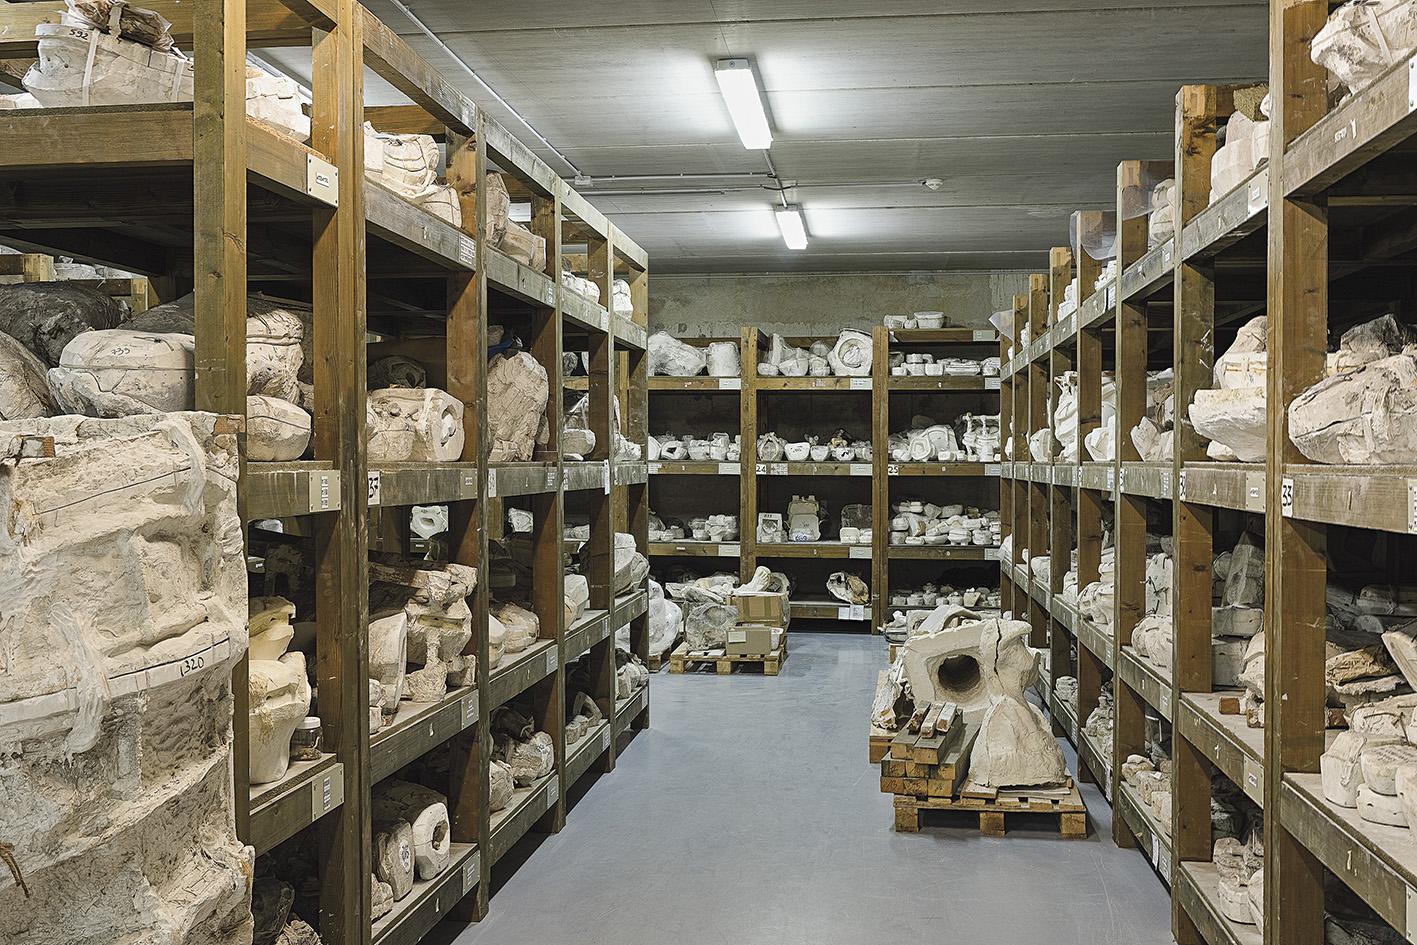 La réserve des moules, dans un endroit tenu secret. Agence photographique du musée Rodin/Jérôme Manoukian